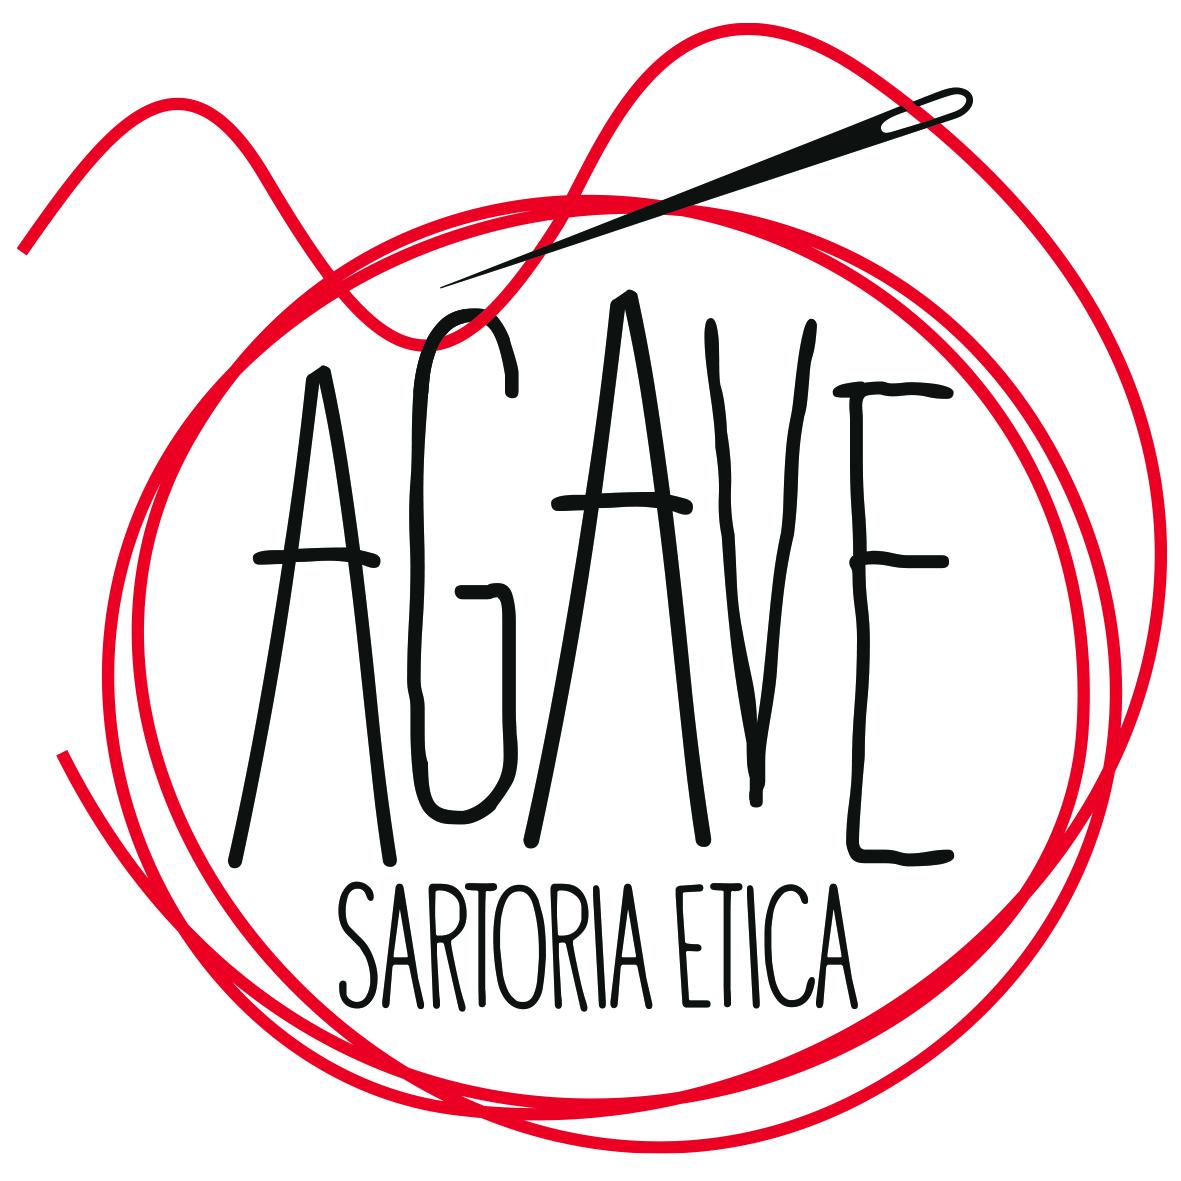 Agave Sartoria Etica